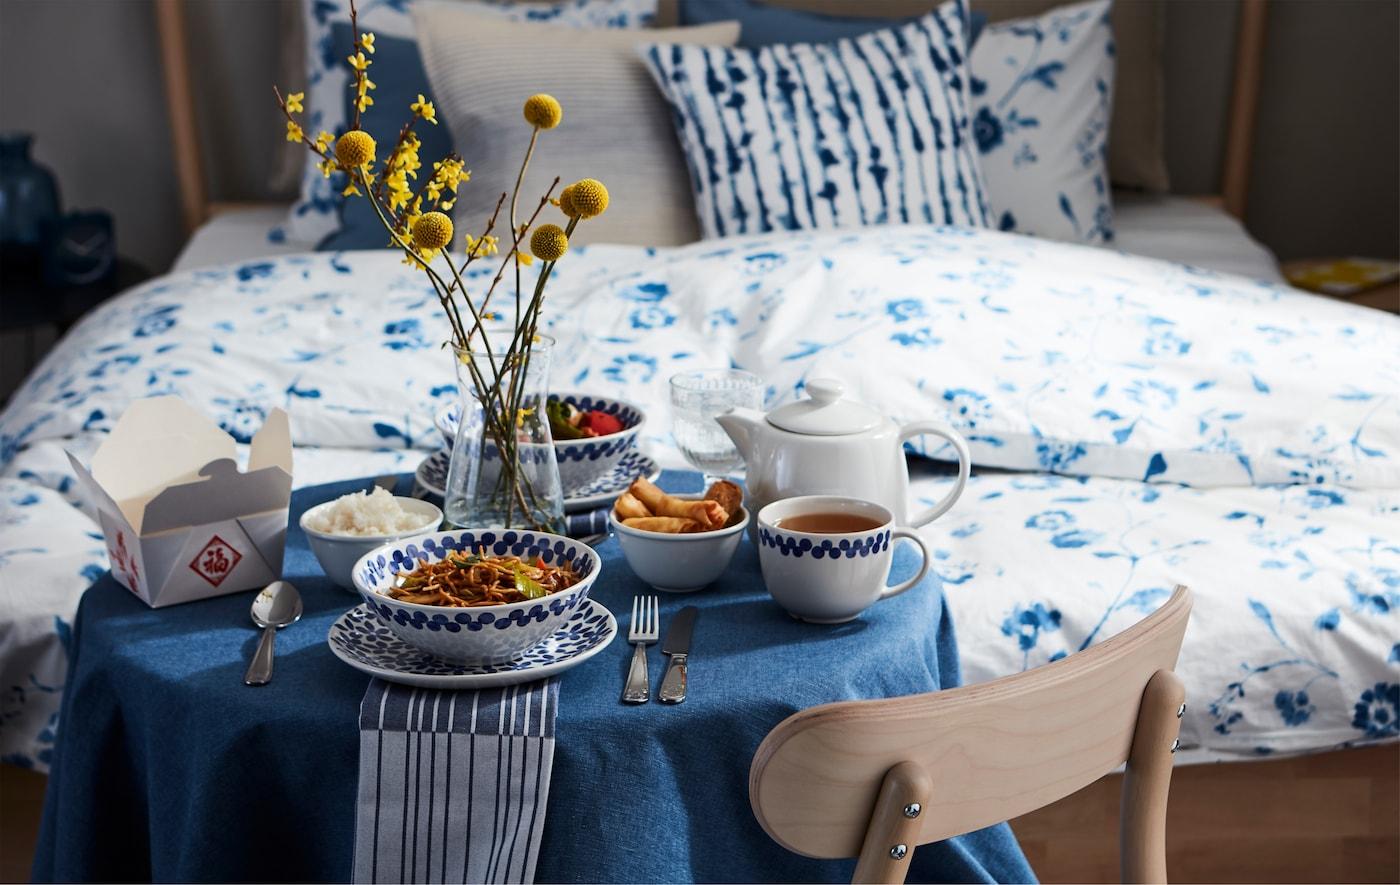 Mesa posta cuidadosamente para um jantar a sós com comida entregue em casa, saboreado junto à cama para parecer um serviço de quartos.